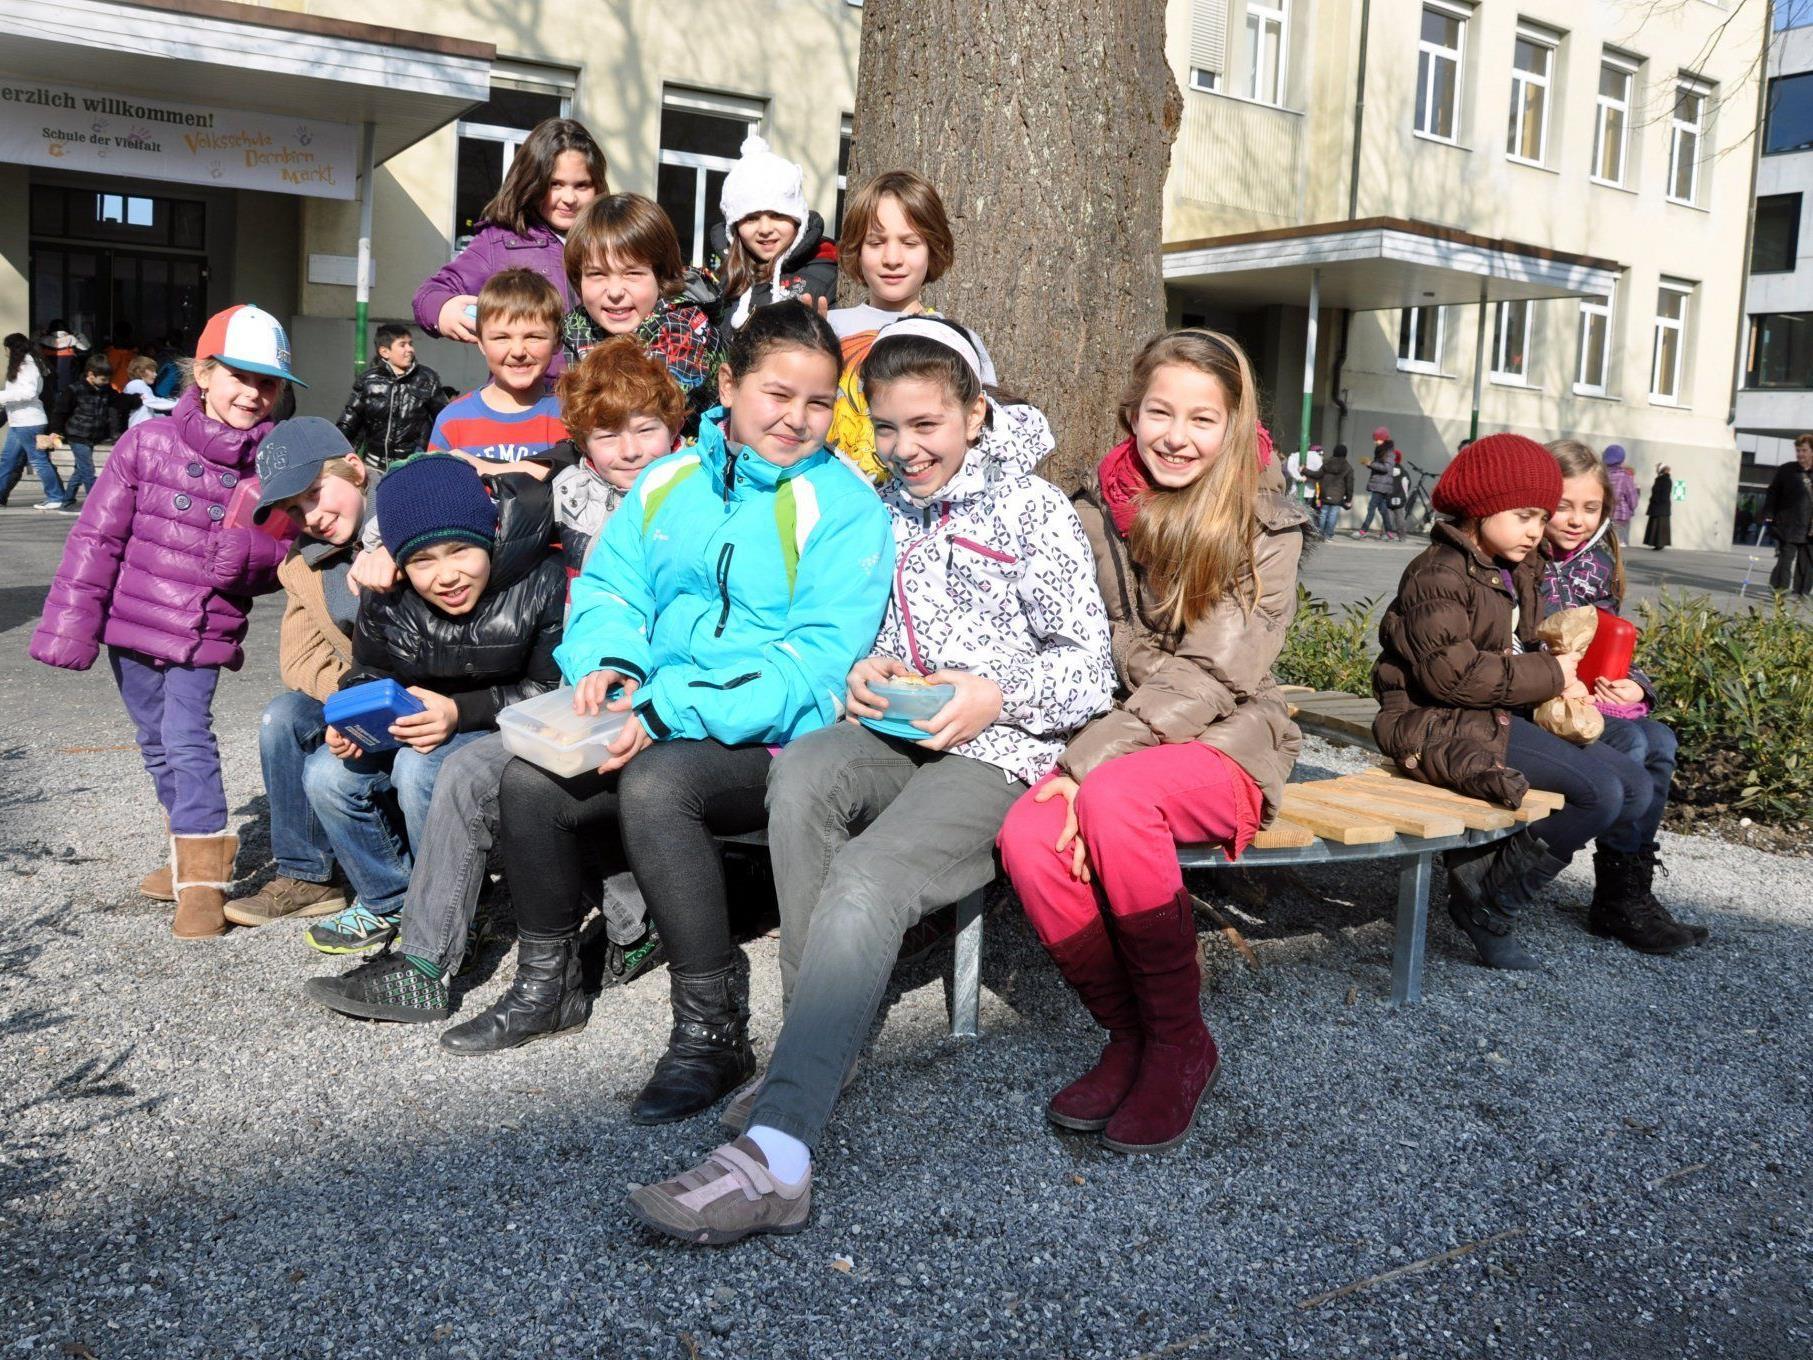 Die Rundbänke unter den Linden wurden von den Schülern begeistert in Betrieb genommen.